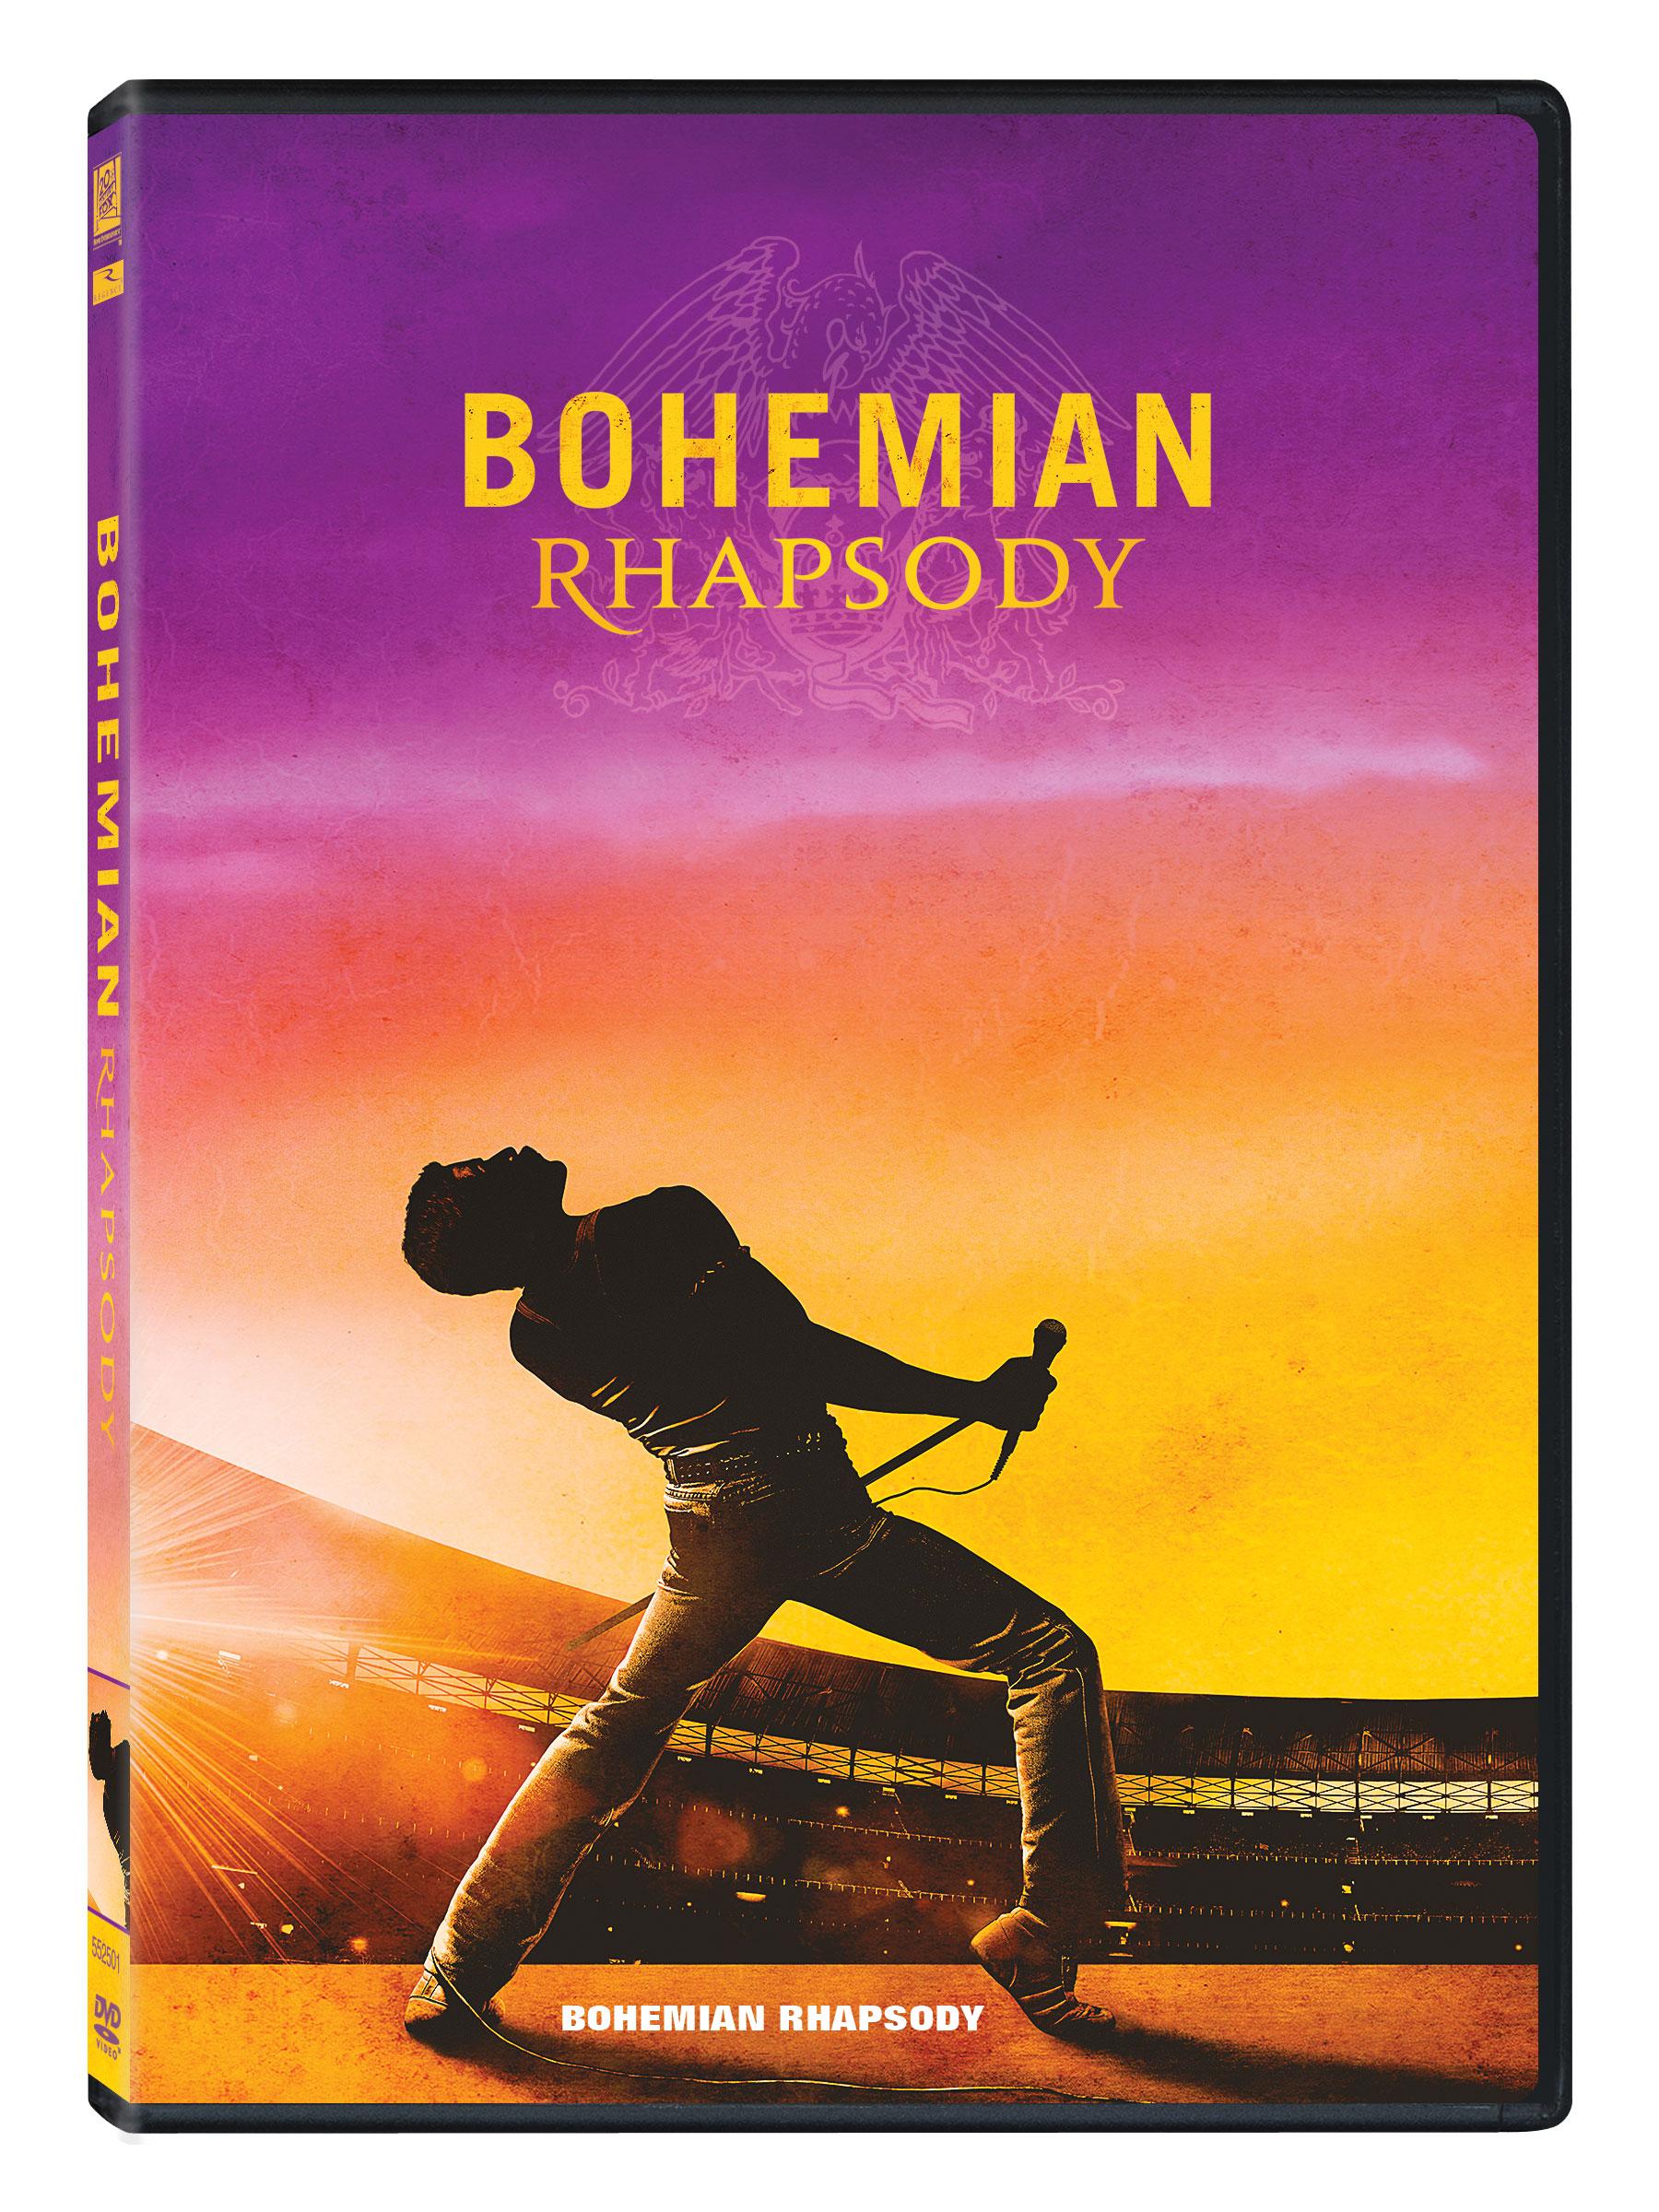 Bohemian Rhapsody / Bohemian Rhapsody thumbnail